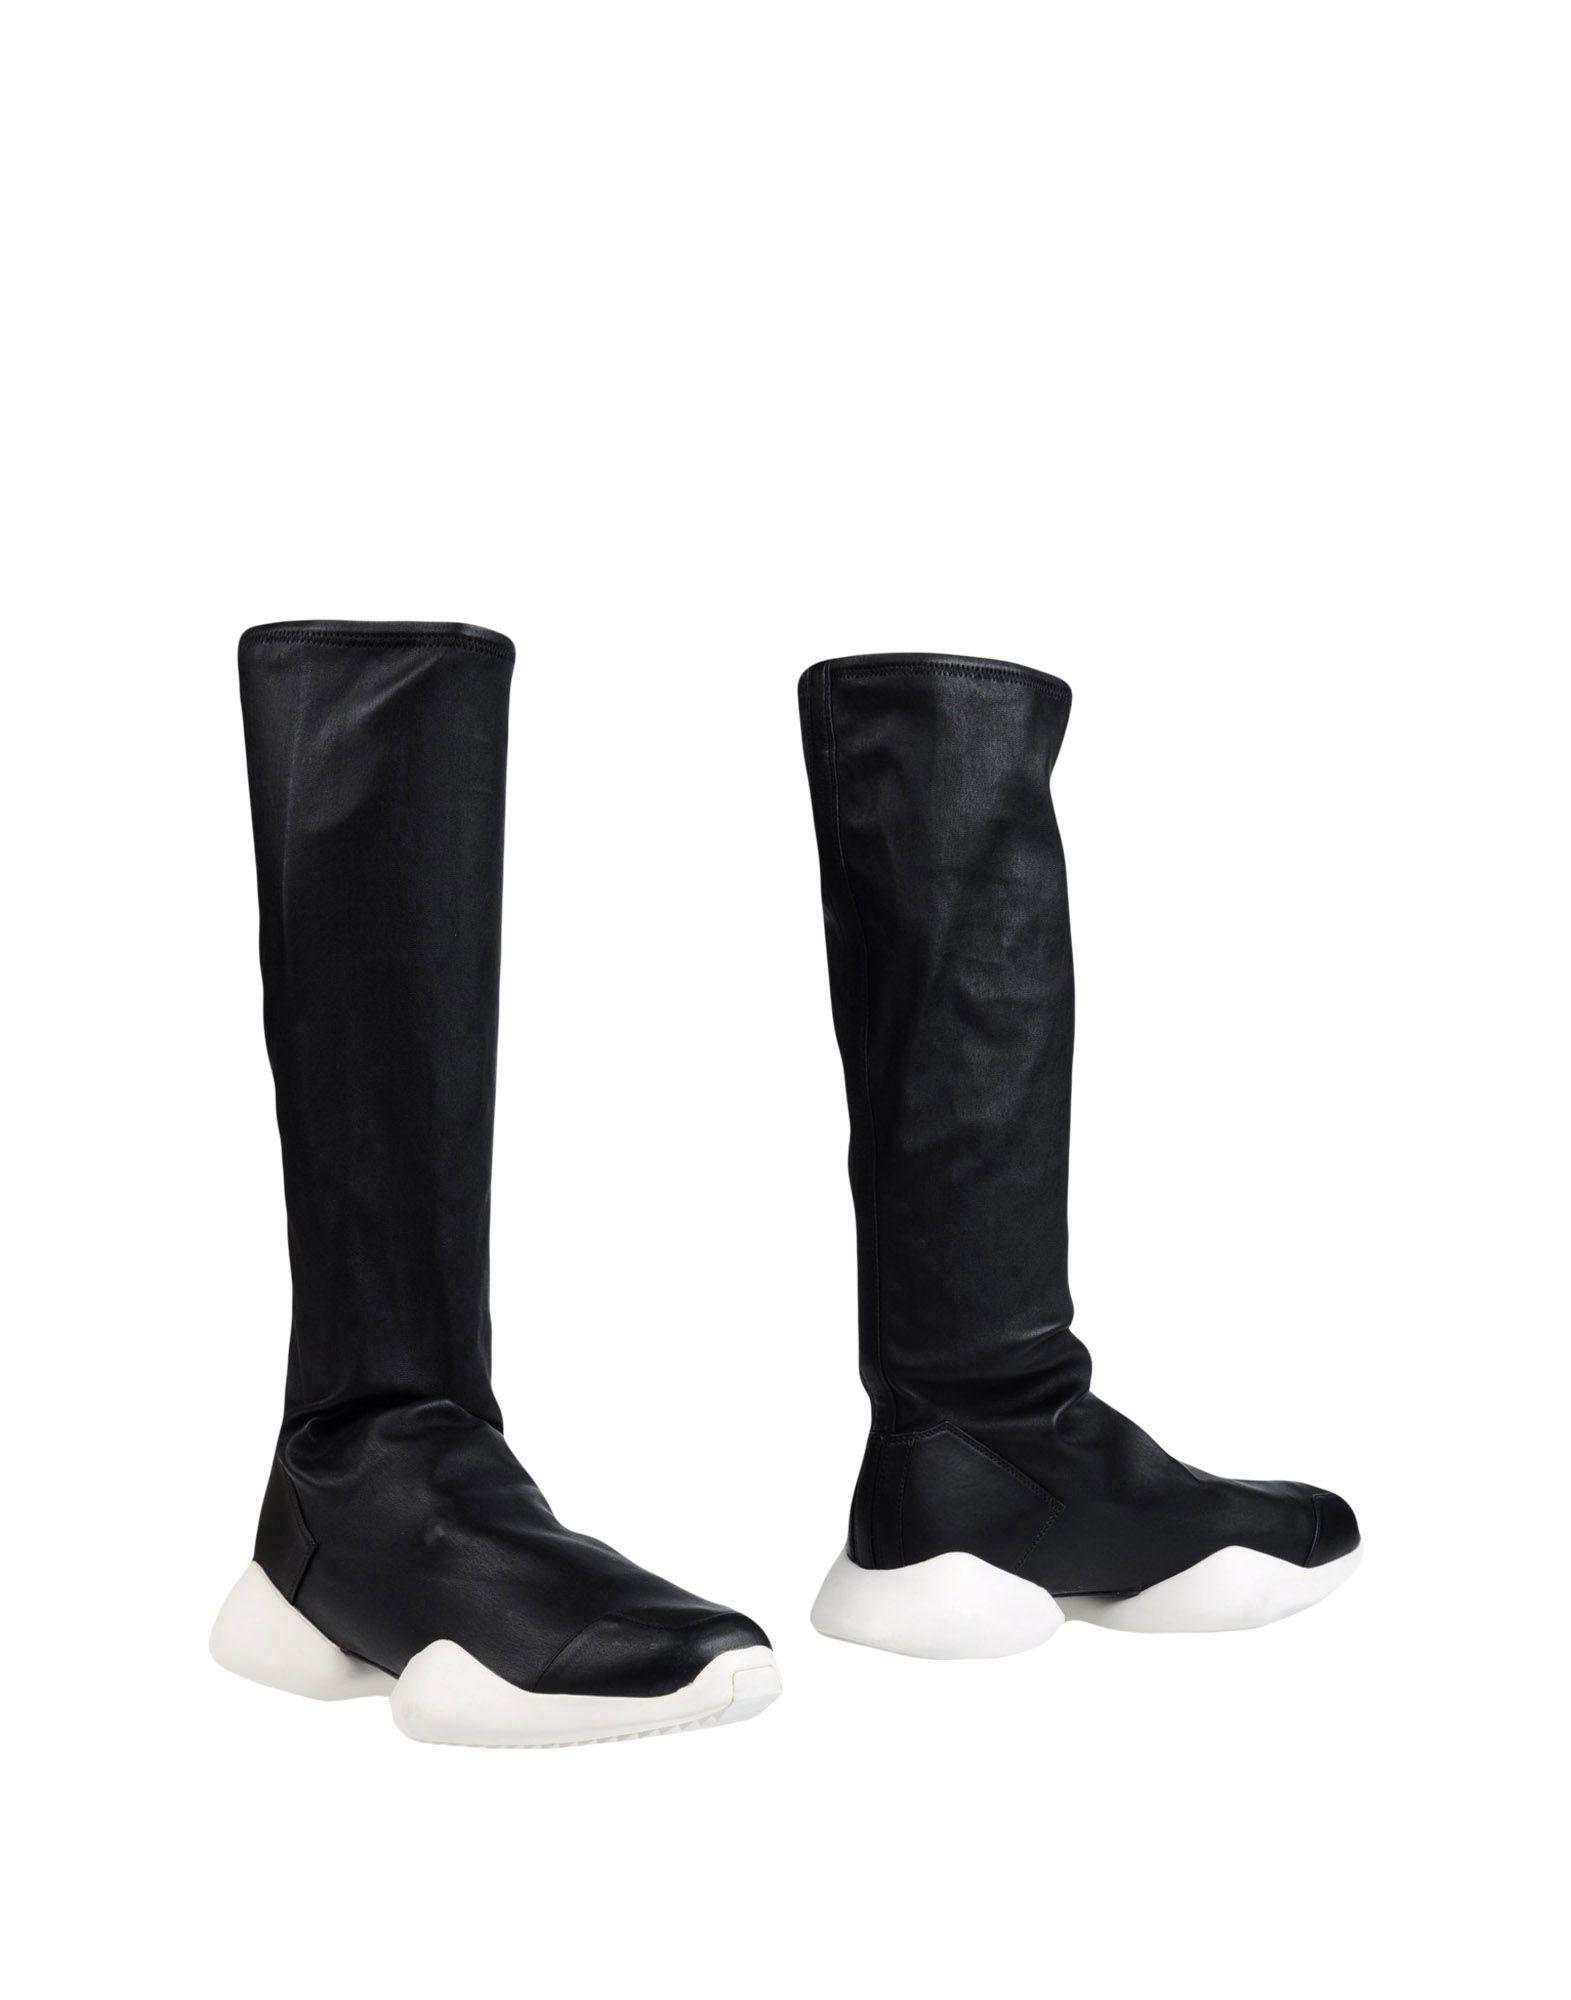 Rick Owens X Adidas Stiefelette Herren  11255248GO Gute Qualität beliebte Schuhe